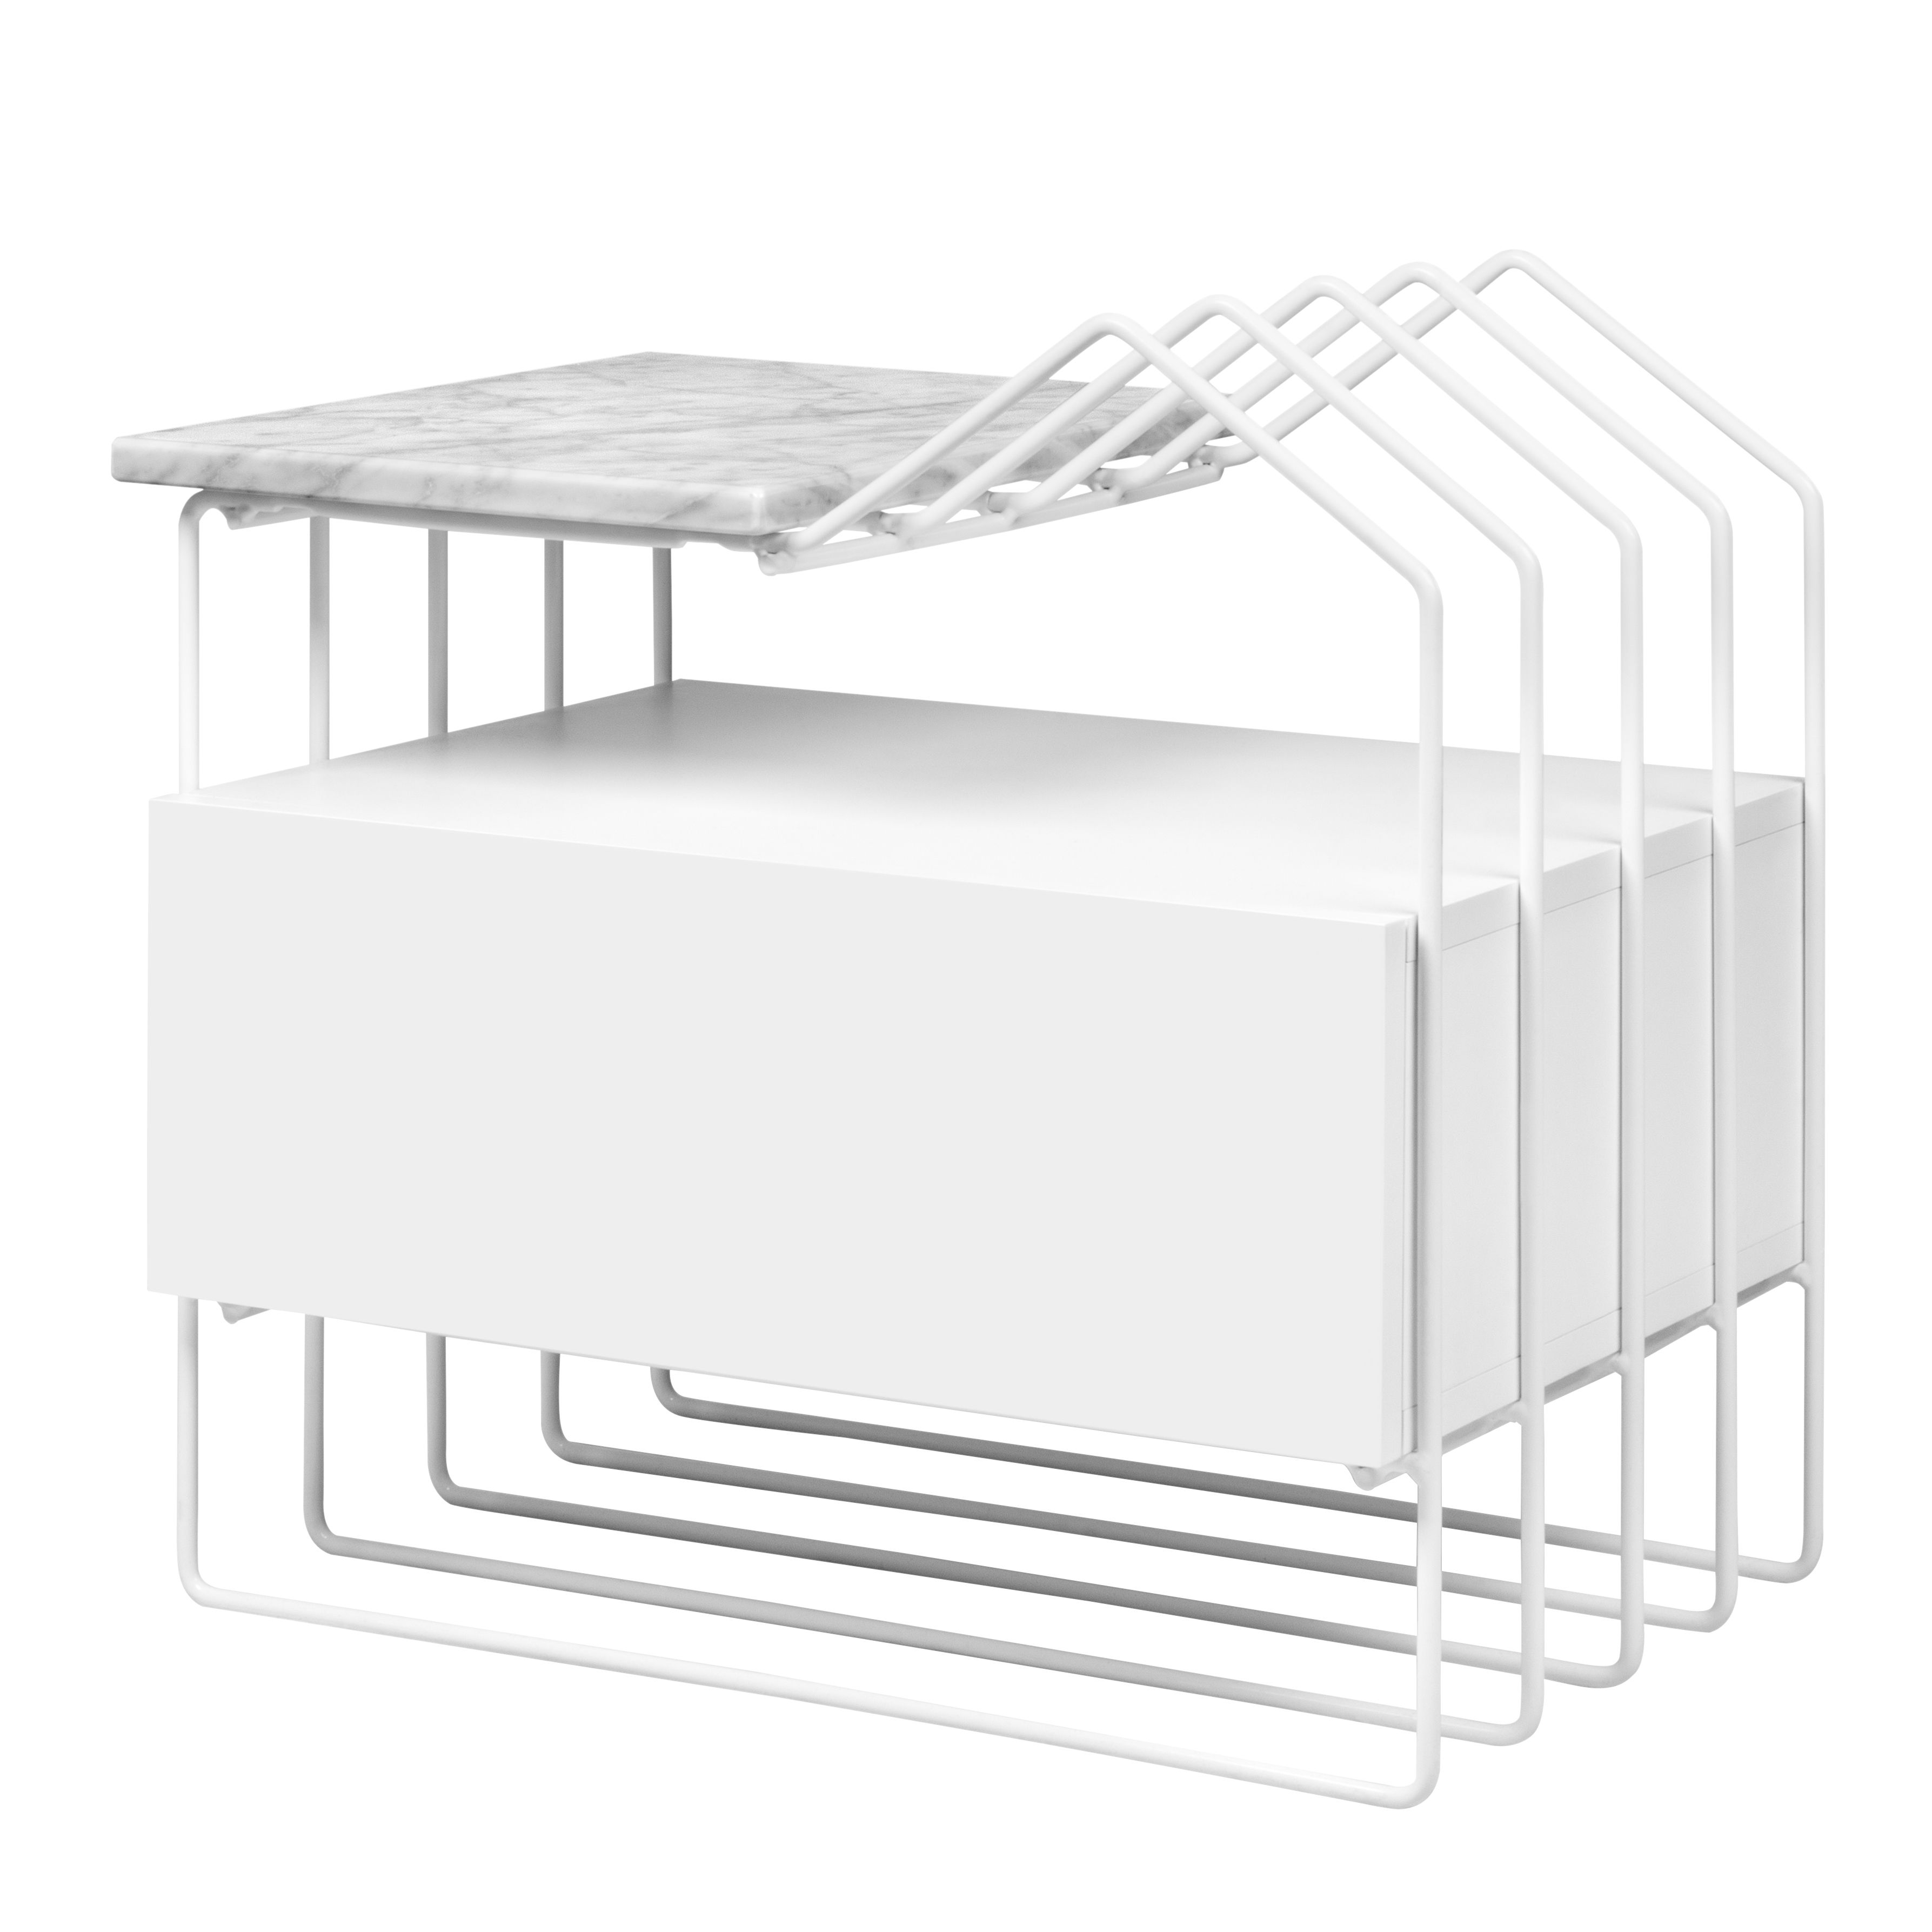 Mobilier - Tables basses - Table d'appoint Romi / Porte-revues & tiroir - Marbre - POP UP HOME - Marbre blanc / Blanc - Marbre de Carrare, MDF peint, Métal laqué